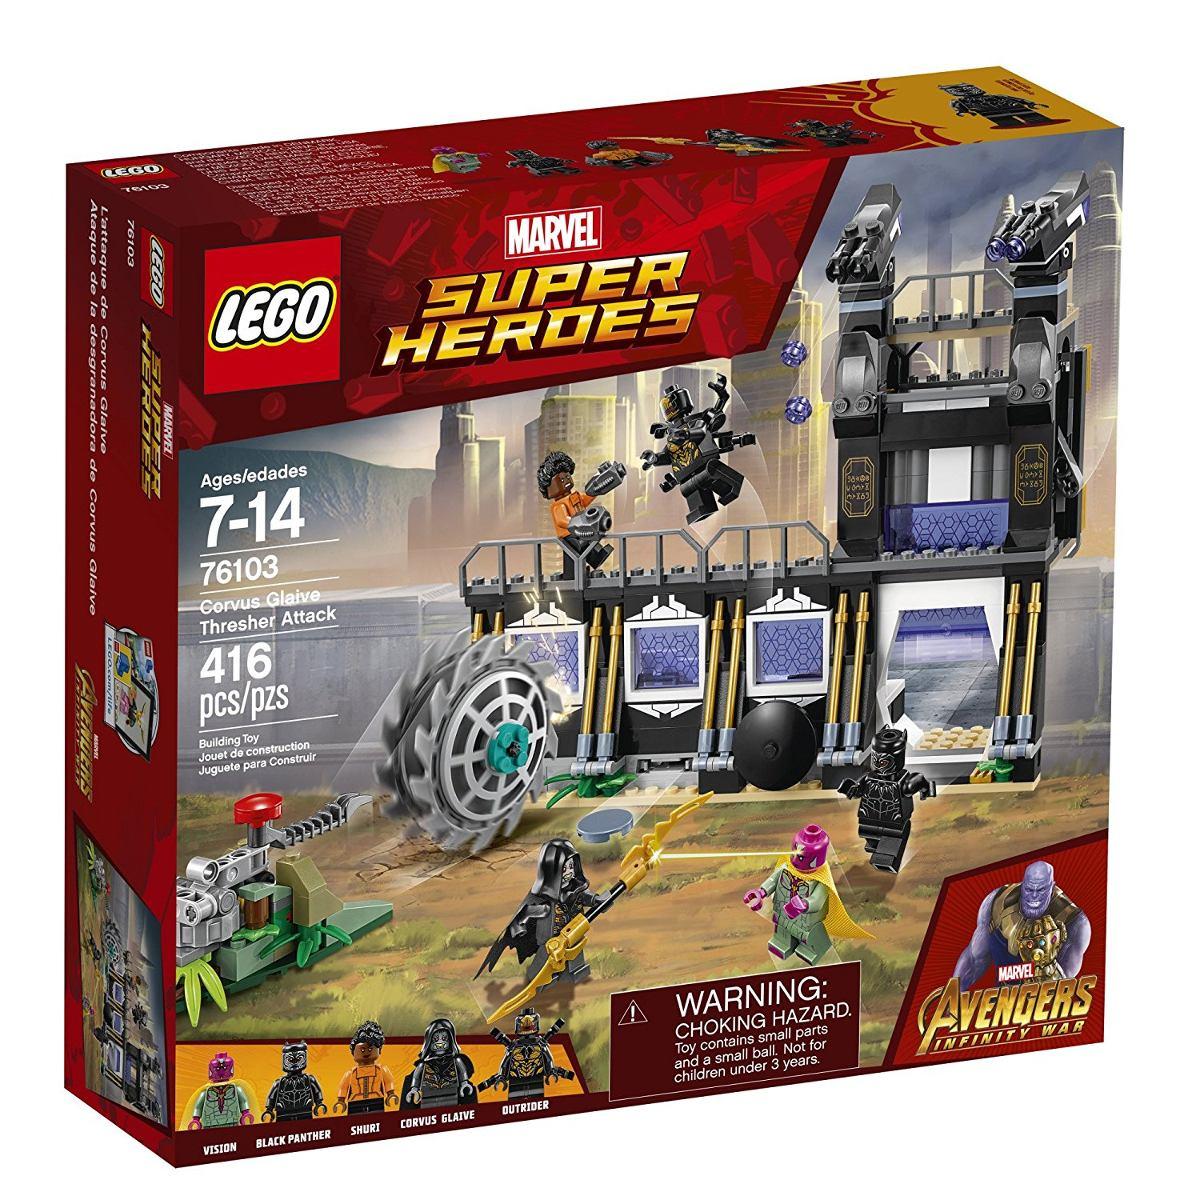 Lego 76103 Vingadores - Ataque Avassalador de Corvus Glaive - 416 peças